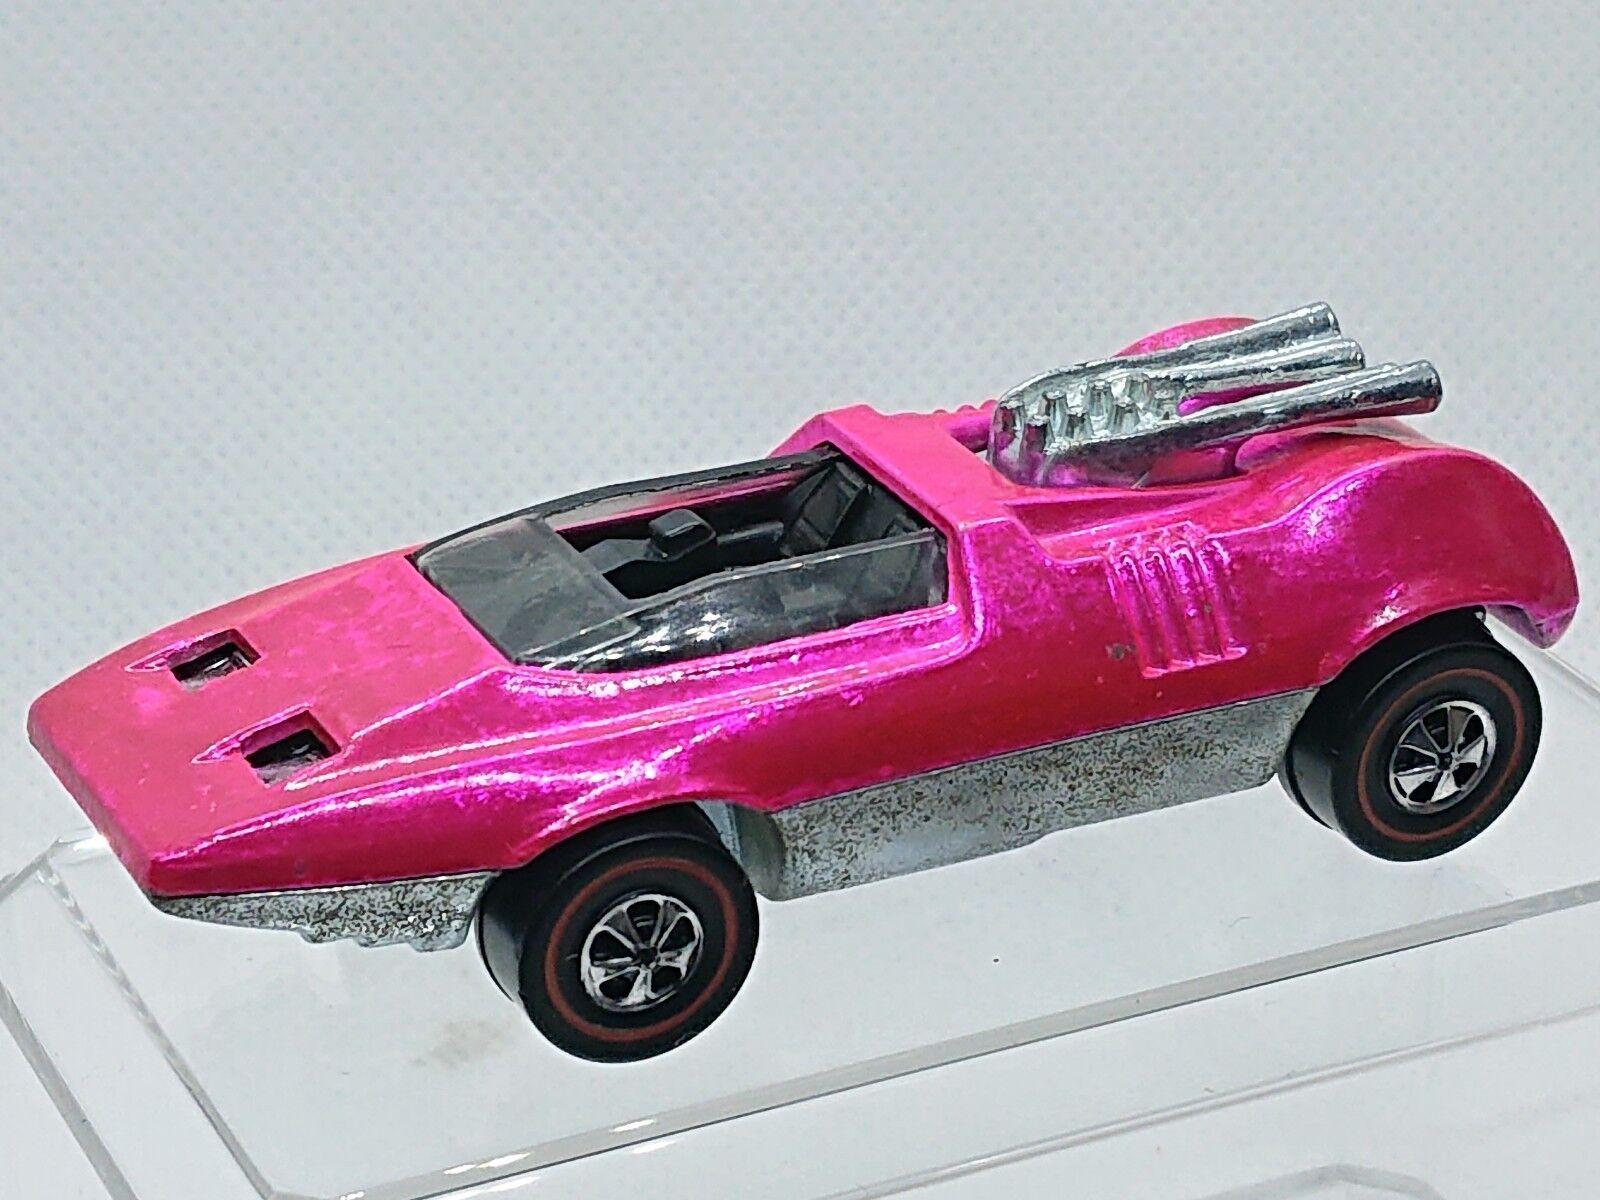 1970 hot wheels voyeure bombe rotline usa spectraflame hot Rosa   hw1084 st.